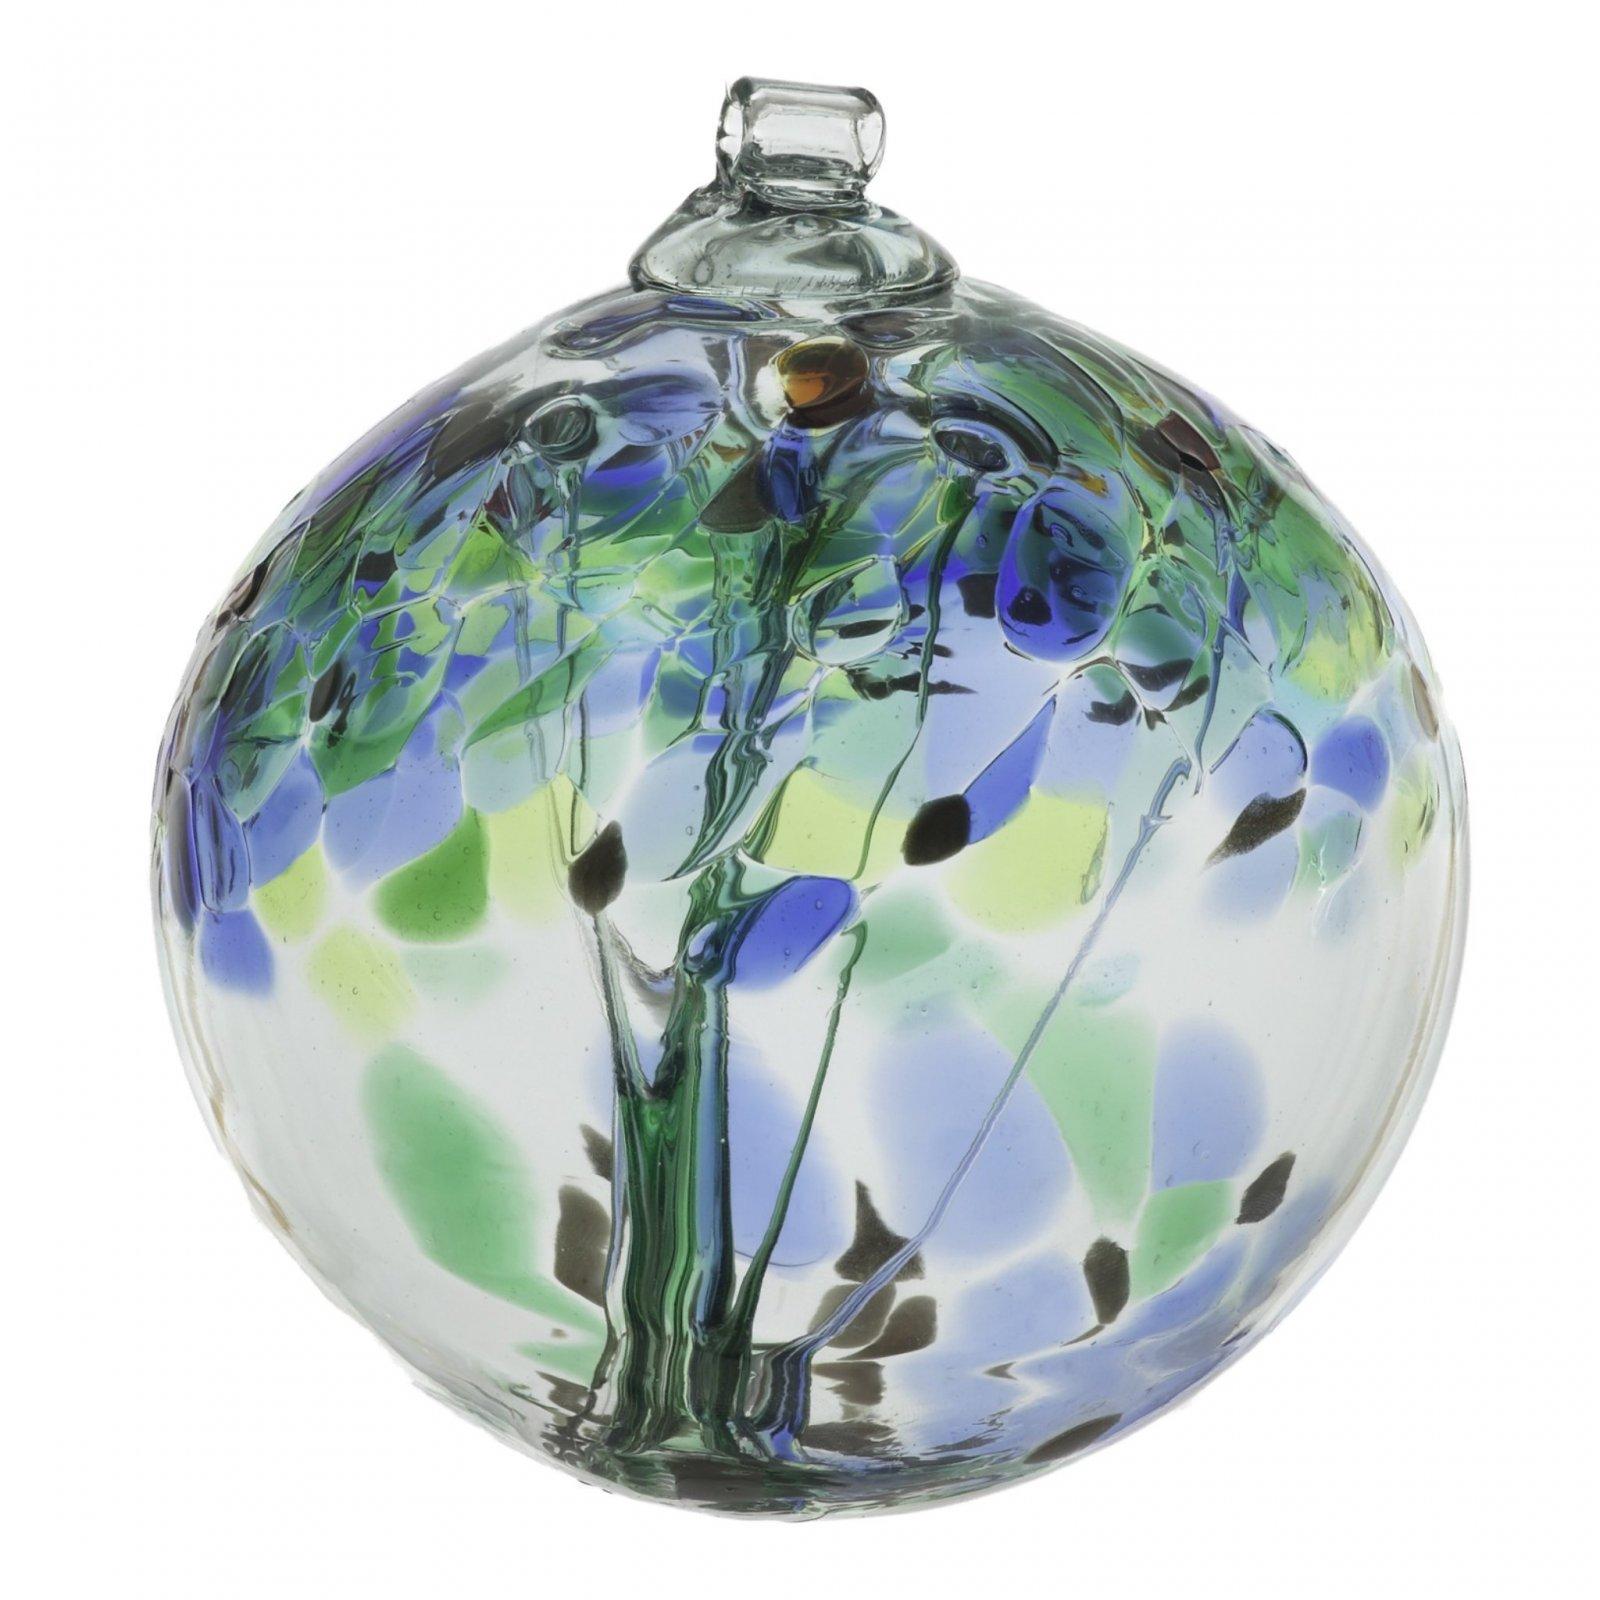 KITRAS GLASS BALL